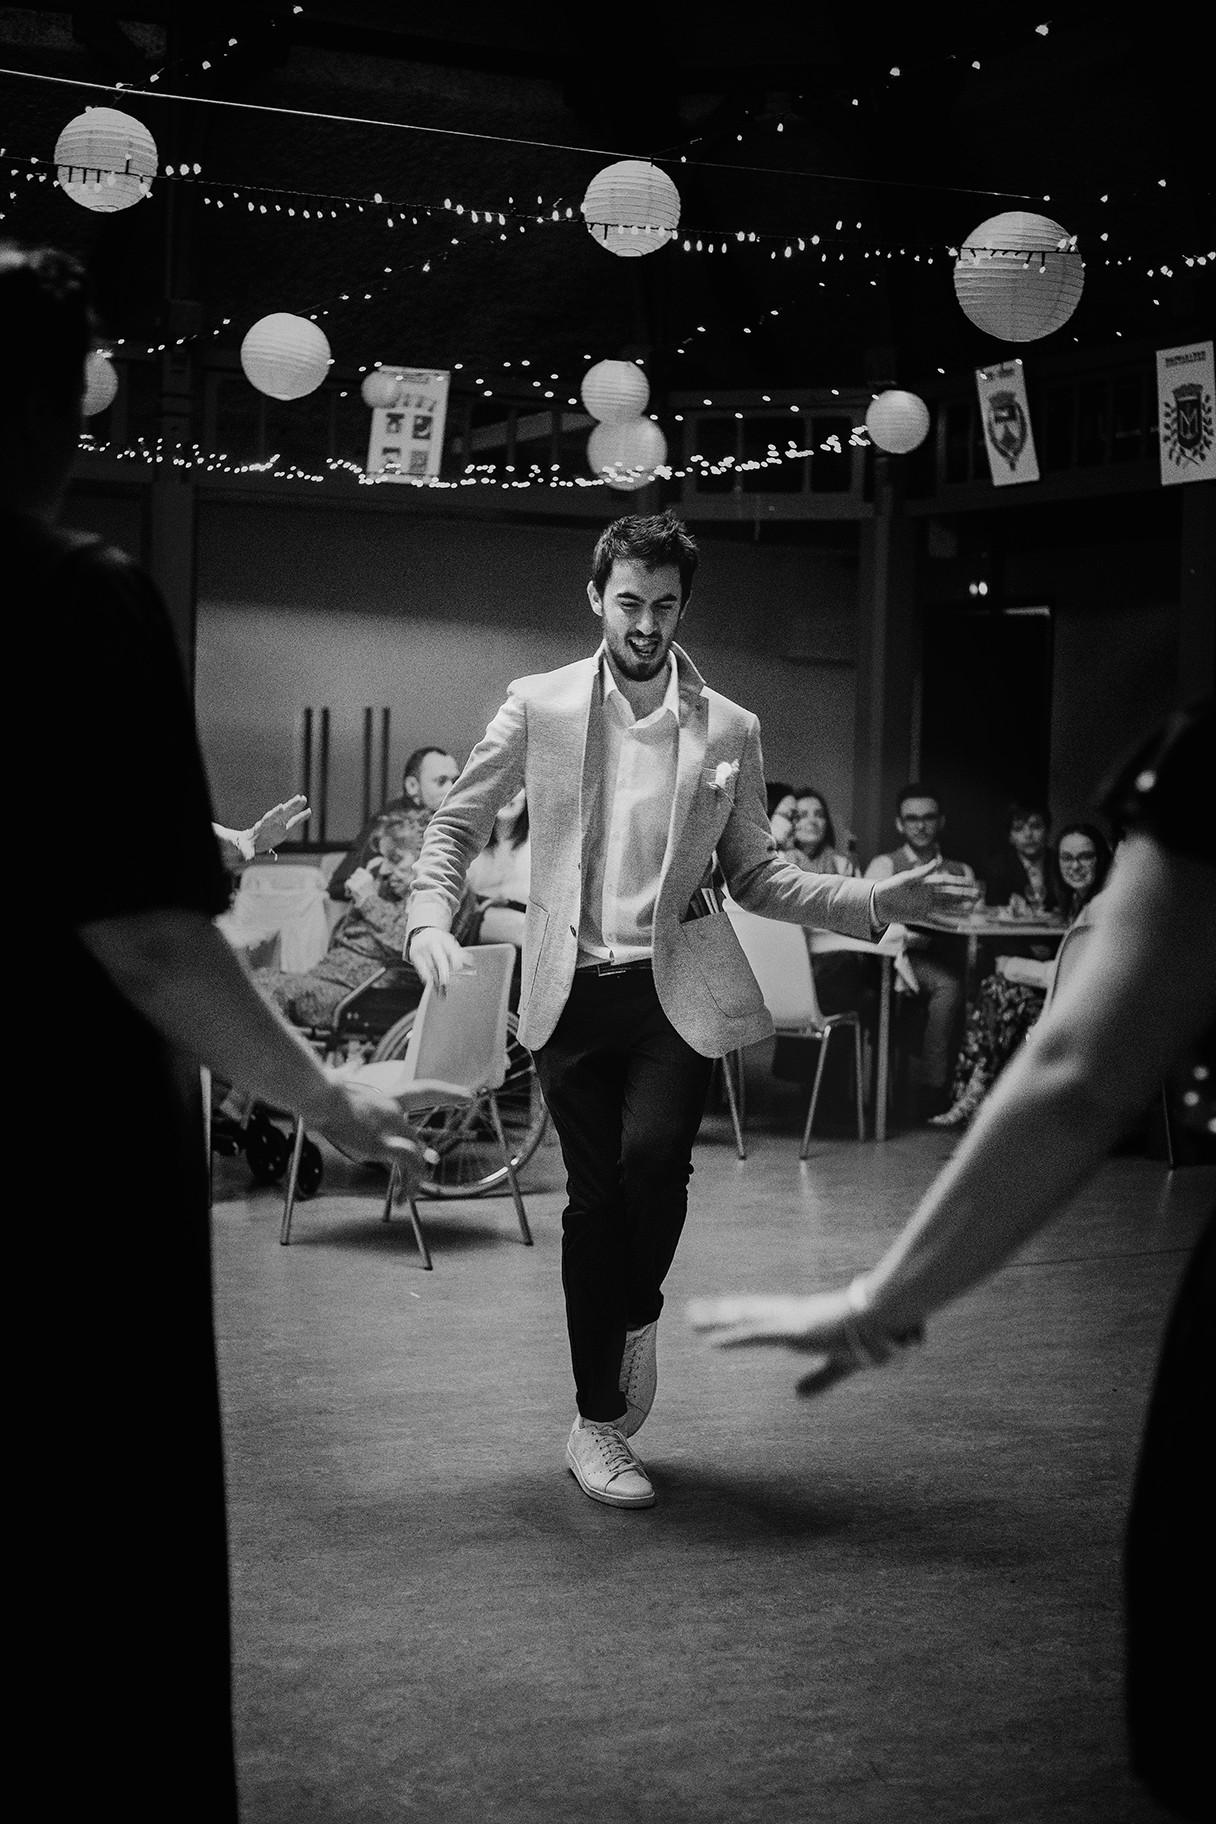 La danse qui vaut le détour